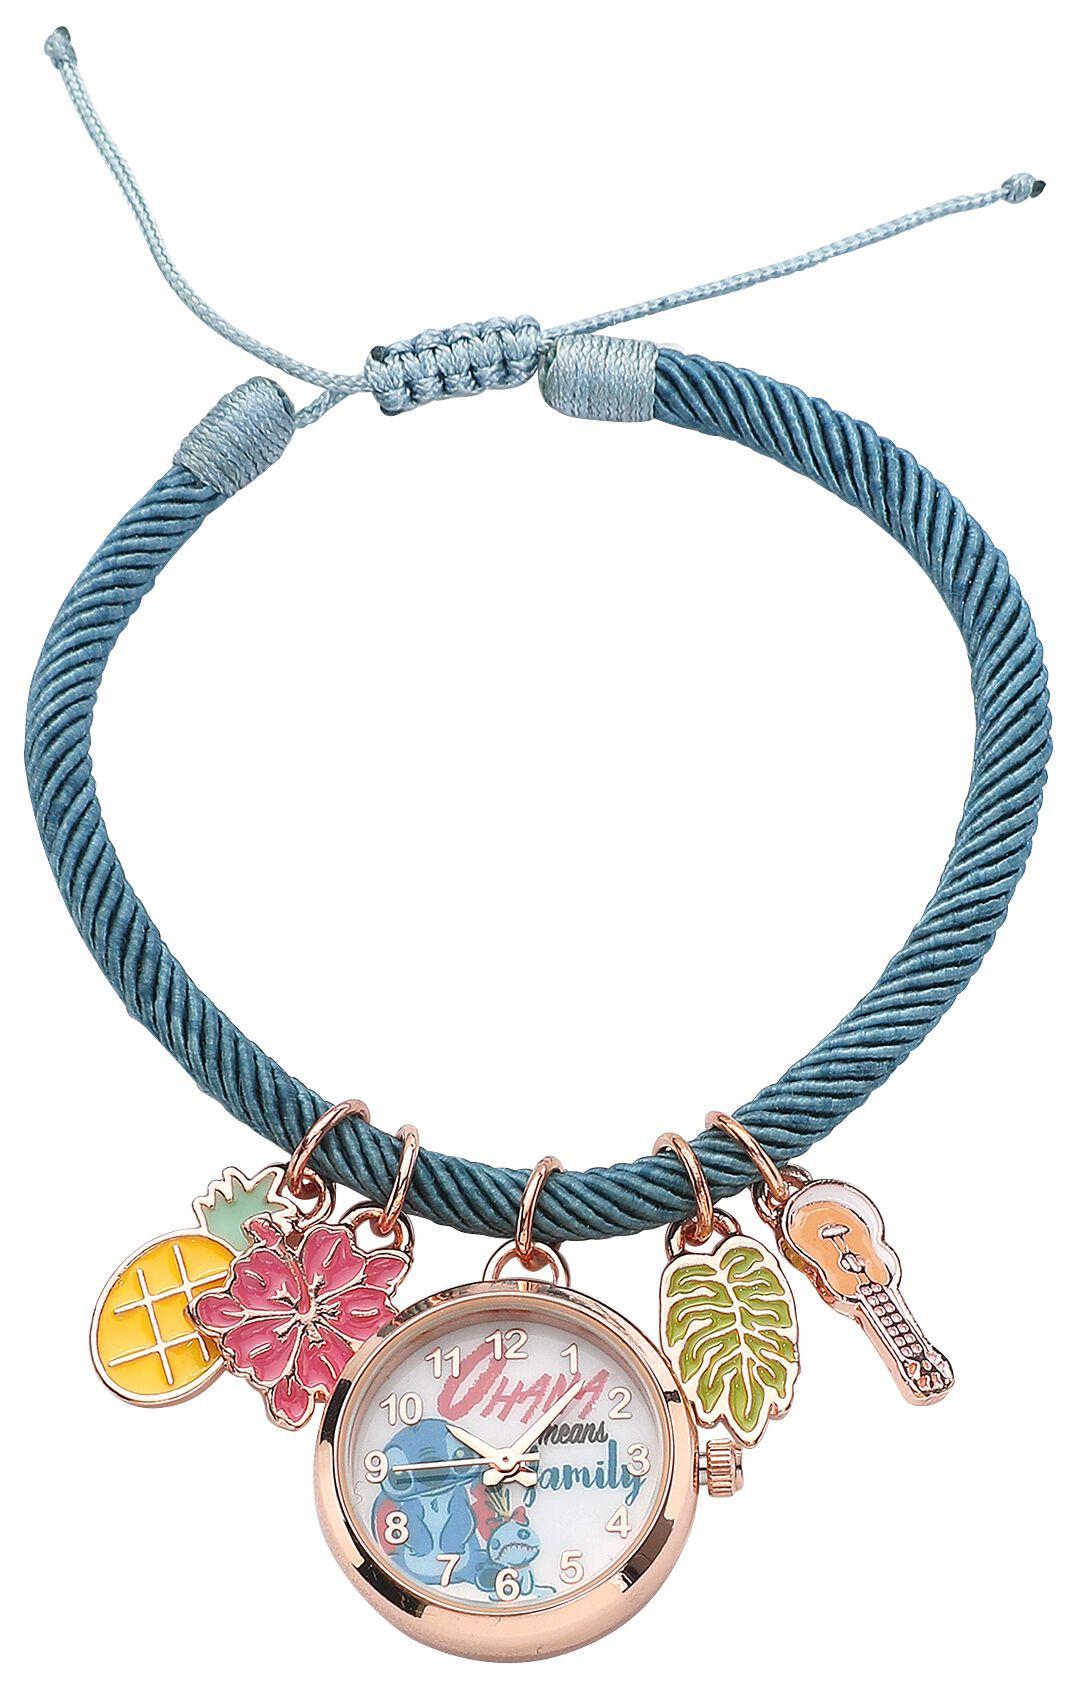 Lilo and Stitch - Stitch mit Brille - Armbanduhren - multicolor